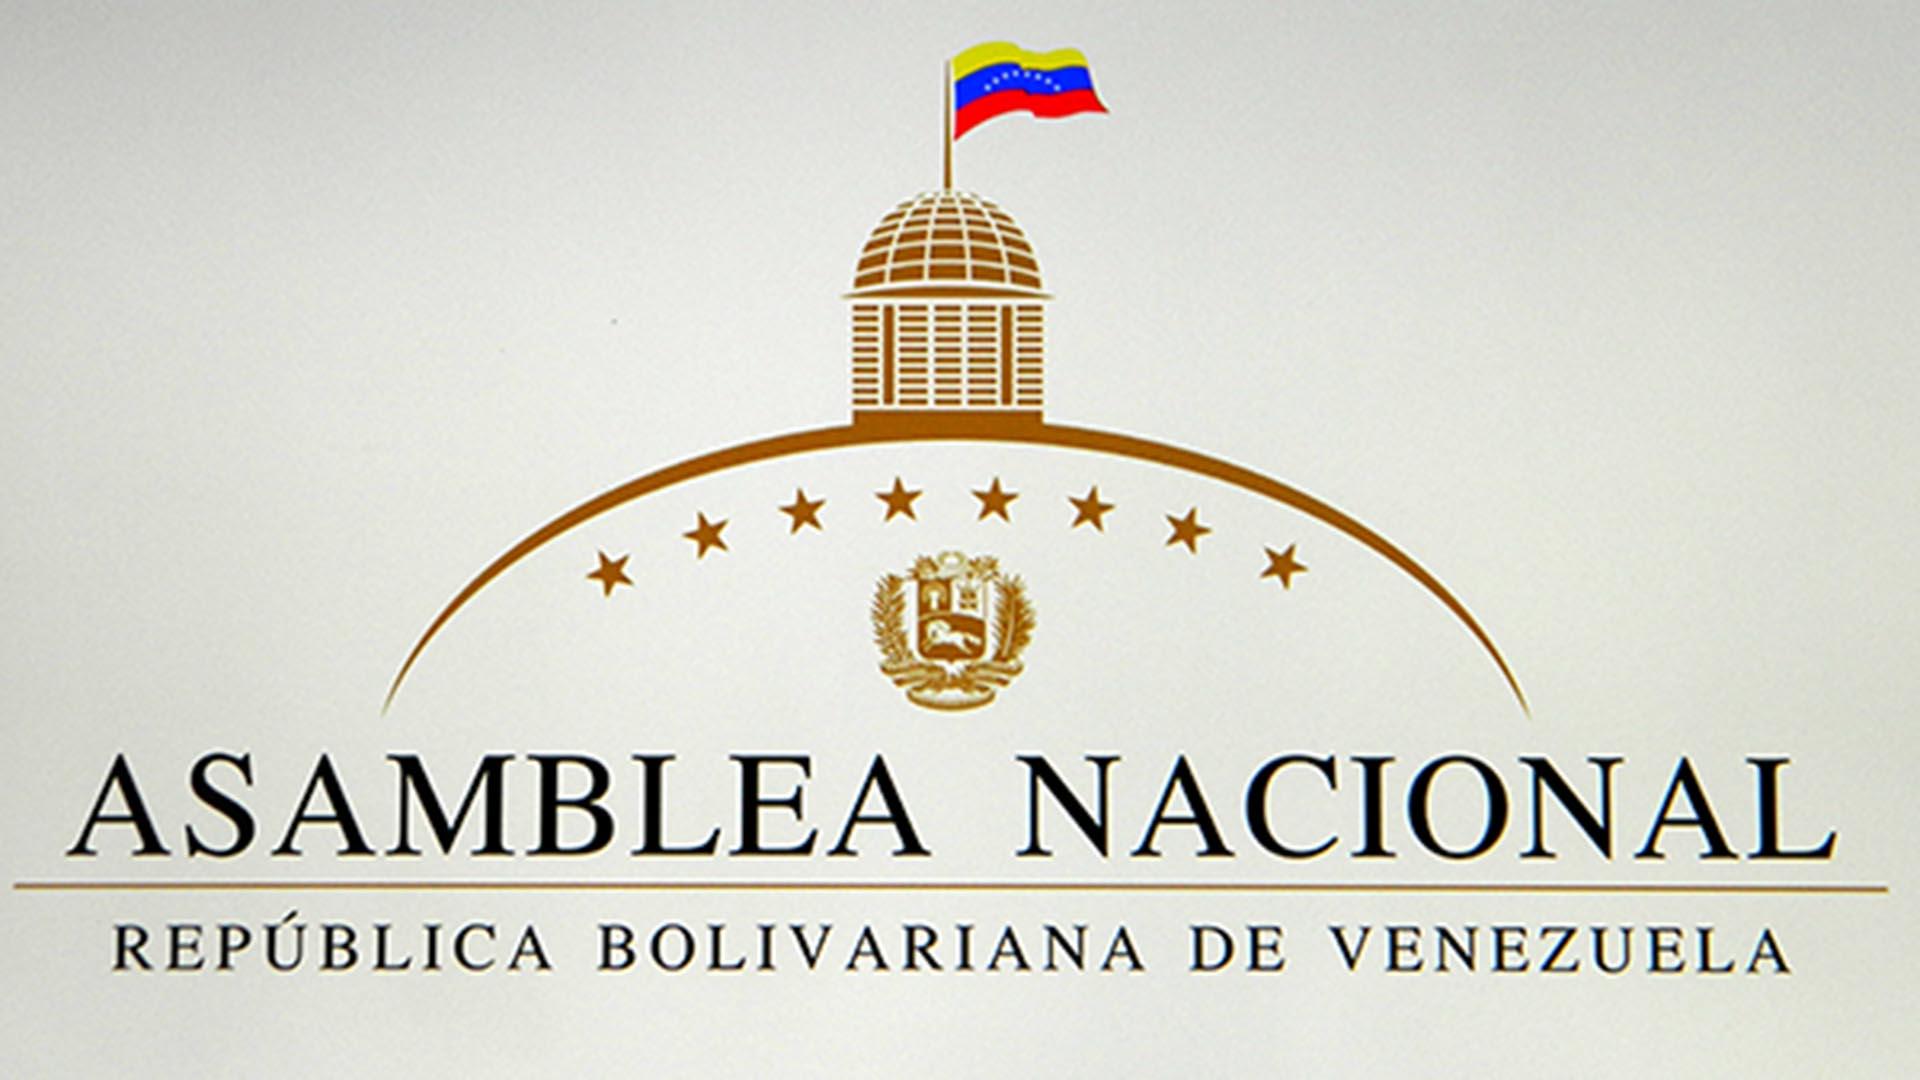 El diputado Juan Guaidó se apegará a los artículos 233, 333 y 350 de la Constitución venezolana.